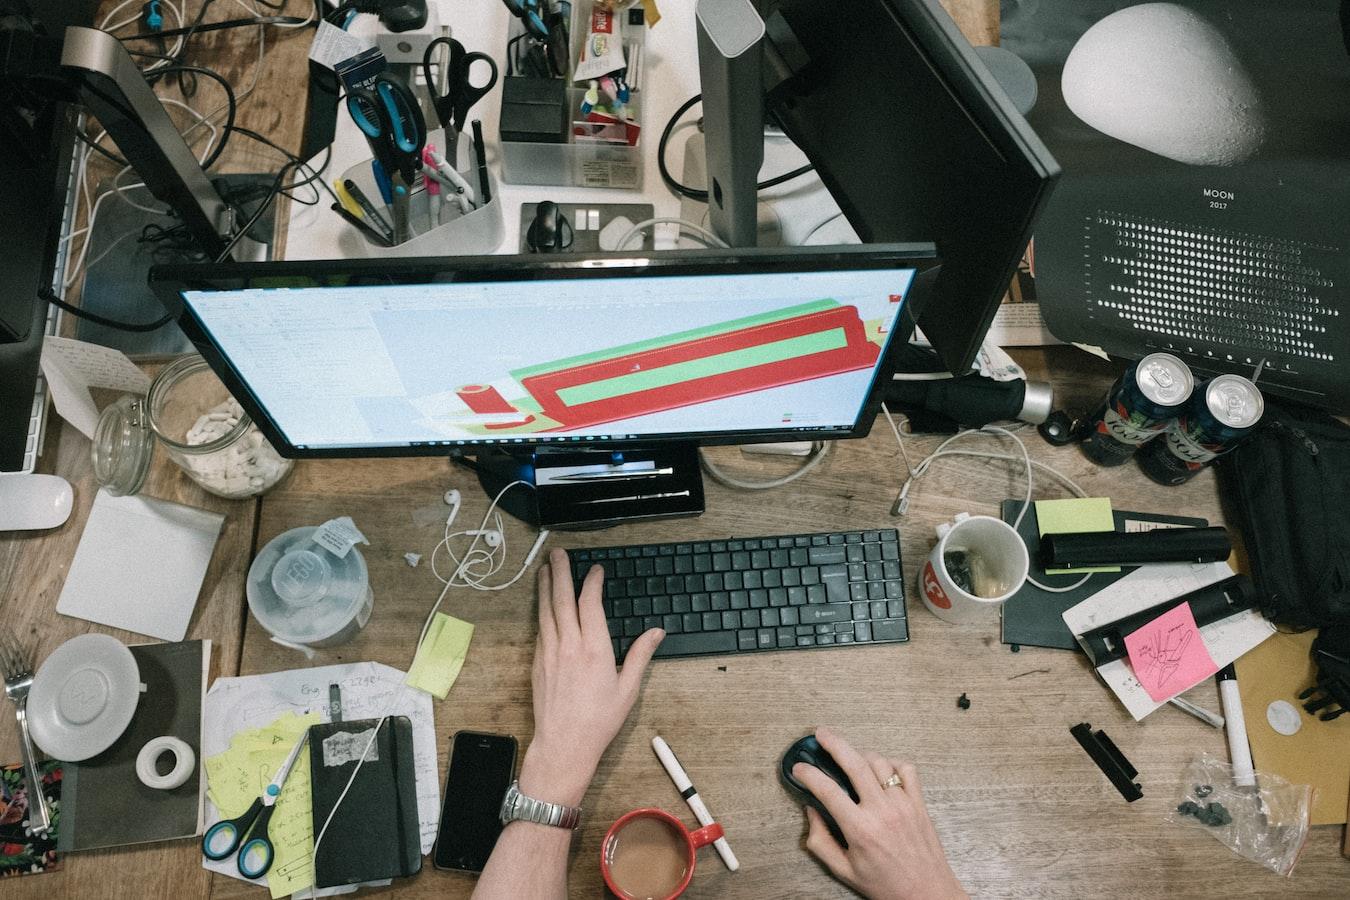 Multitasking – Gewusst wie oder besser doch eins nach dem anderen?